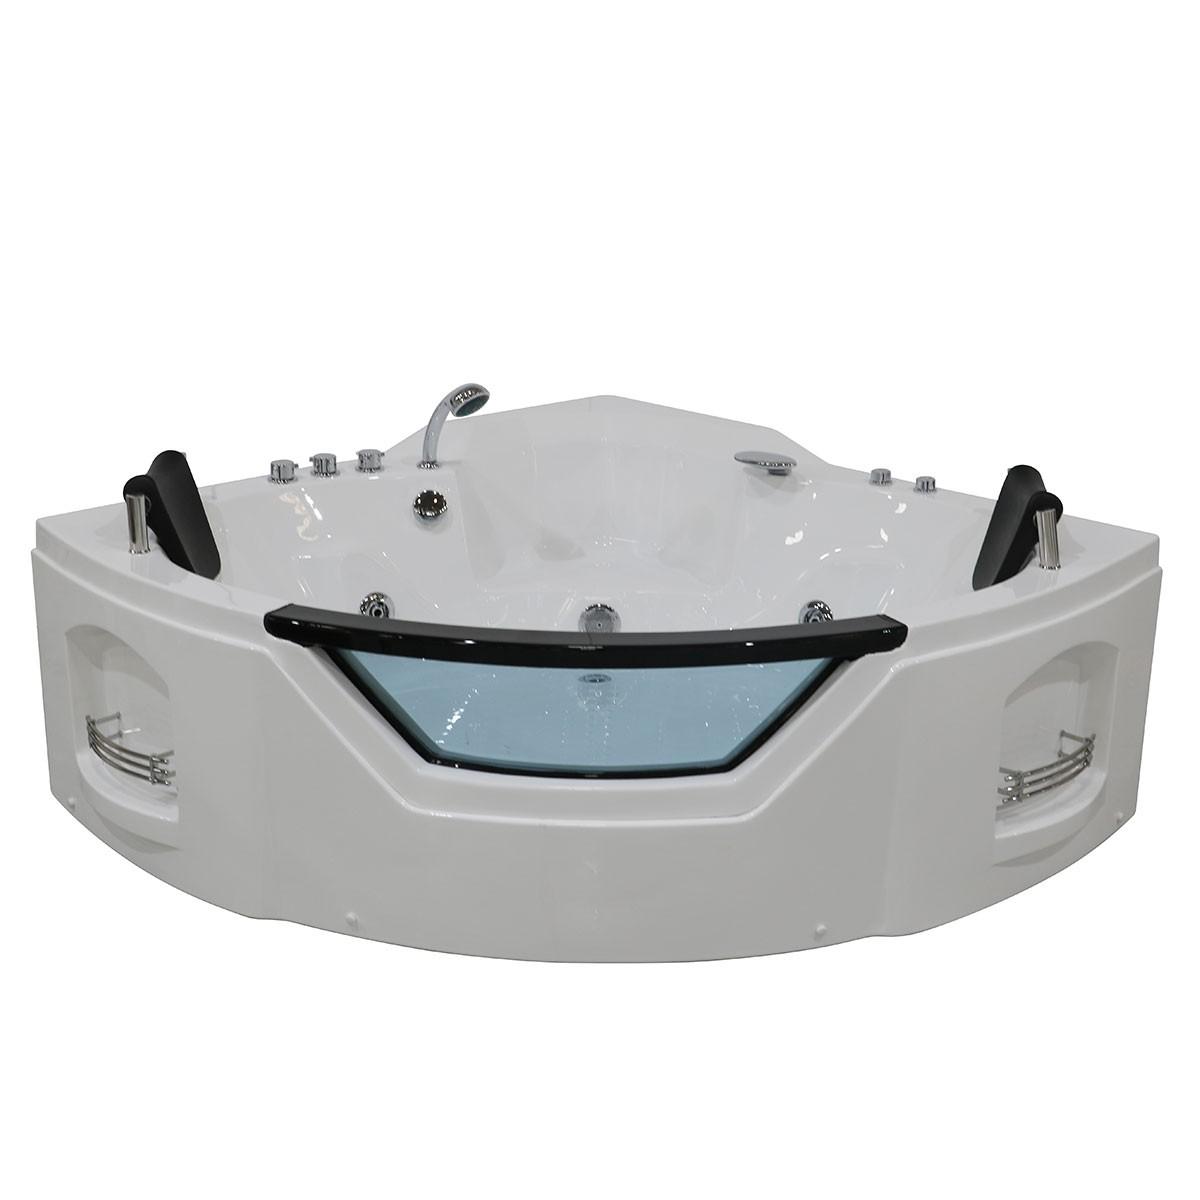 Decoraport 61 x 61 In Whirlpool Tub (DK-Q312N)